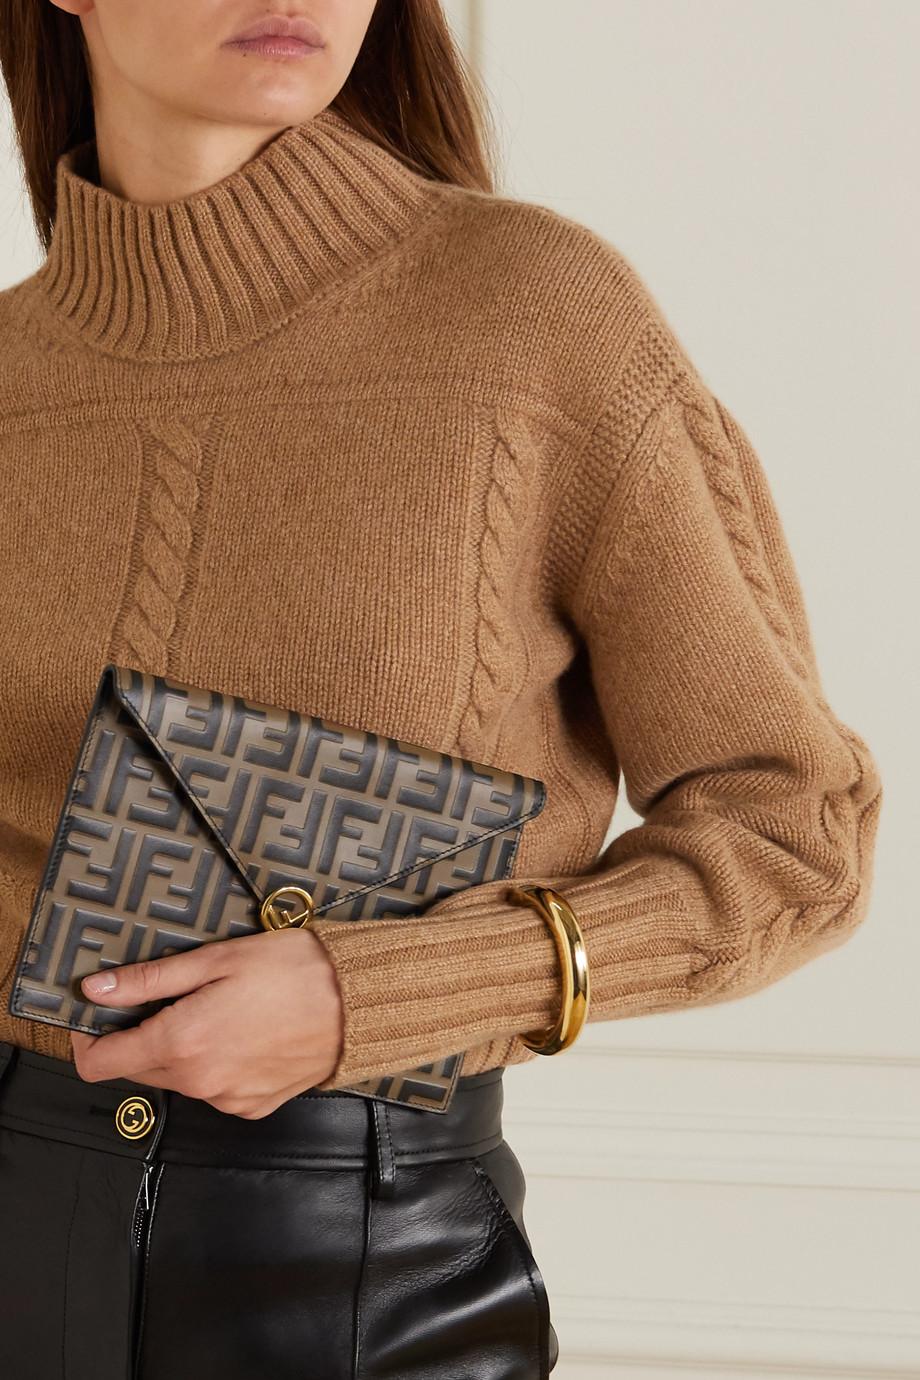 Fendi Beutel aus glattem und strukturiertem Leder mit Prägung